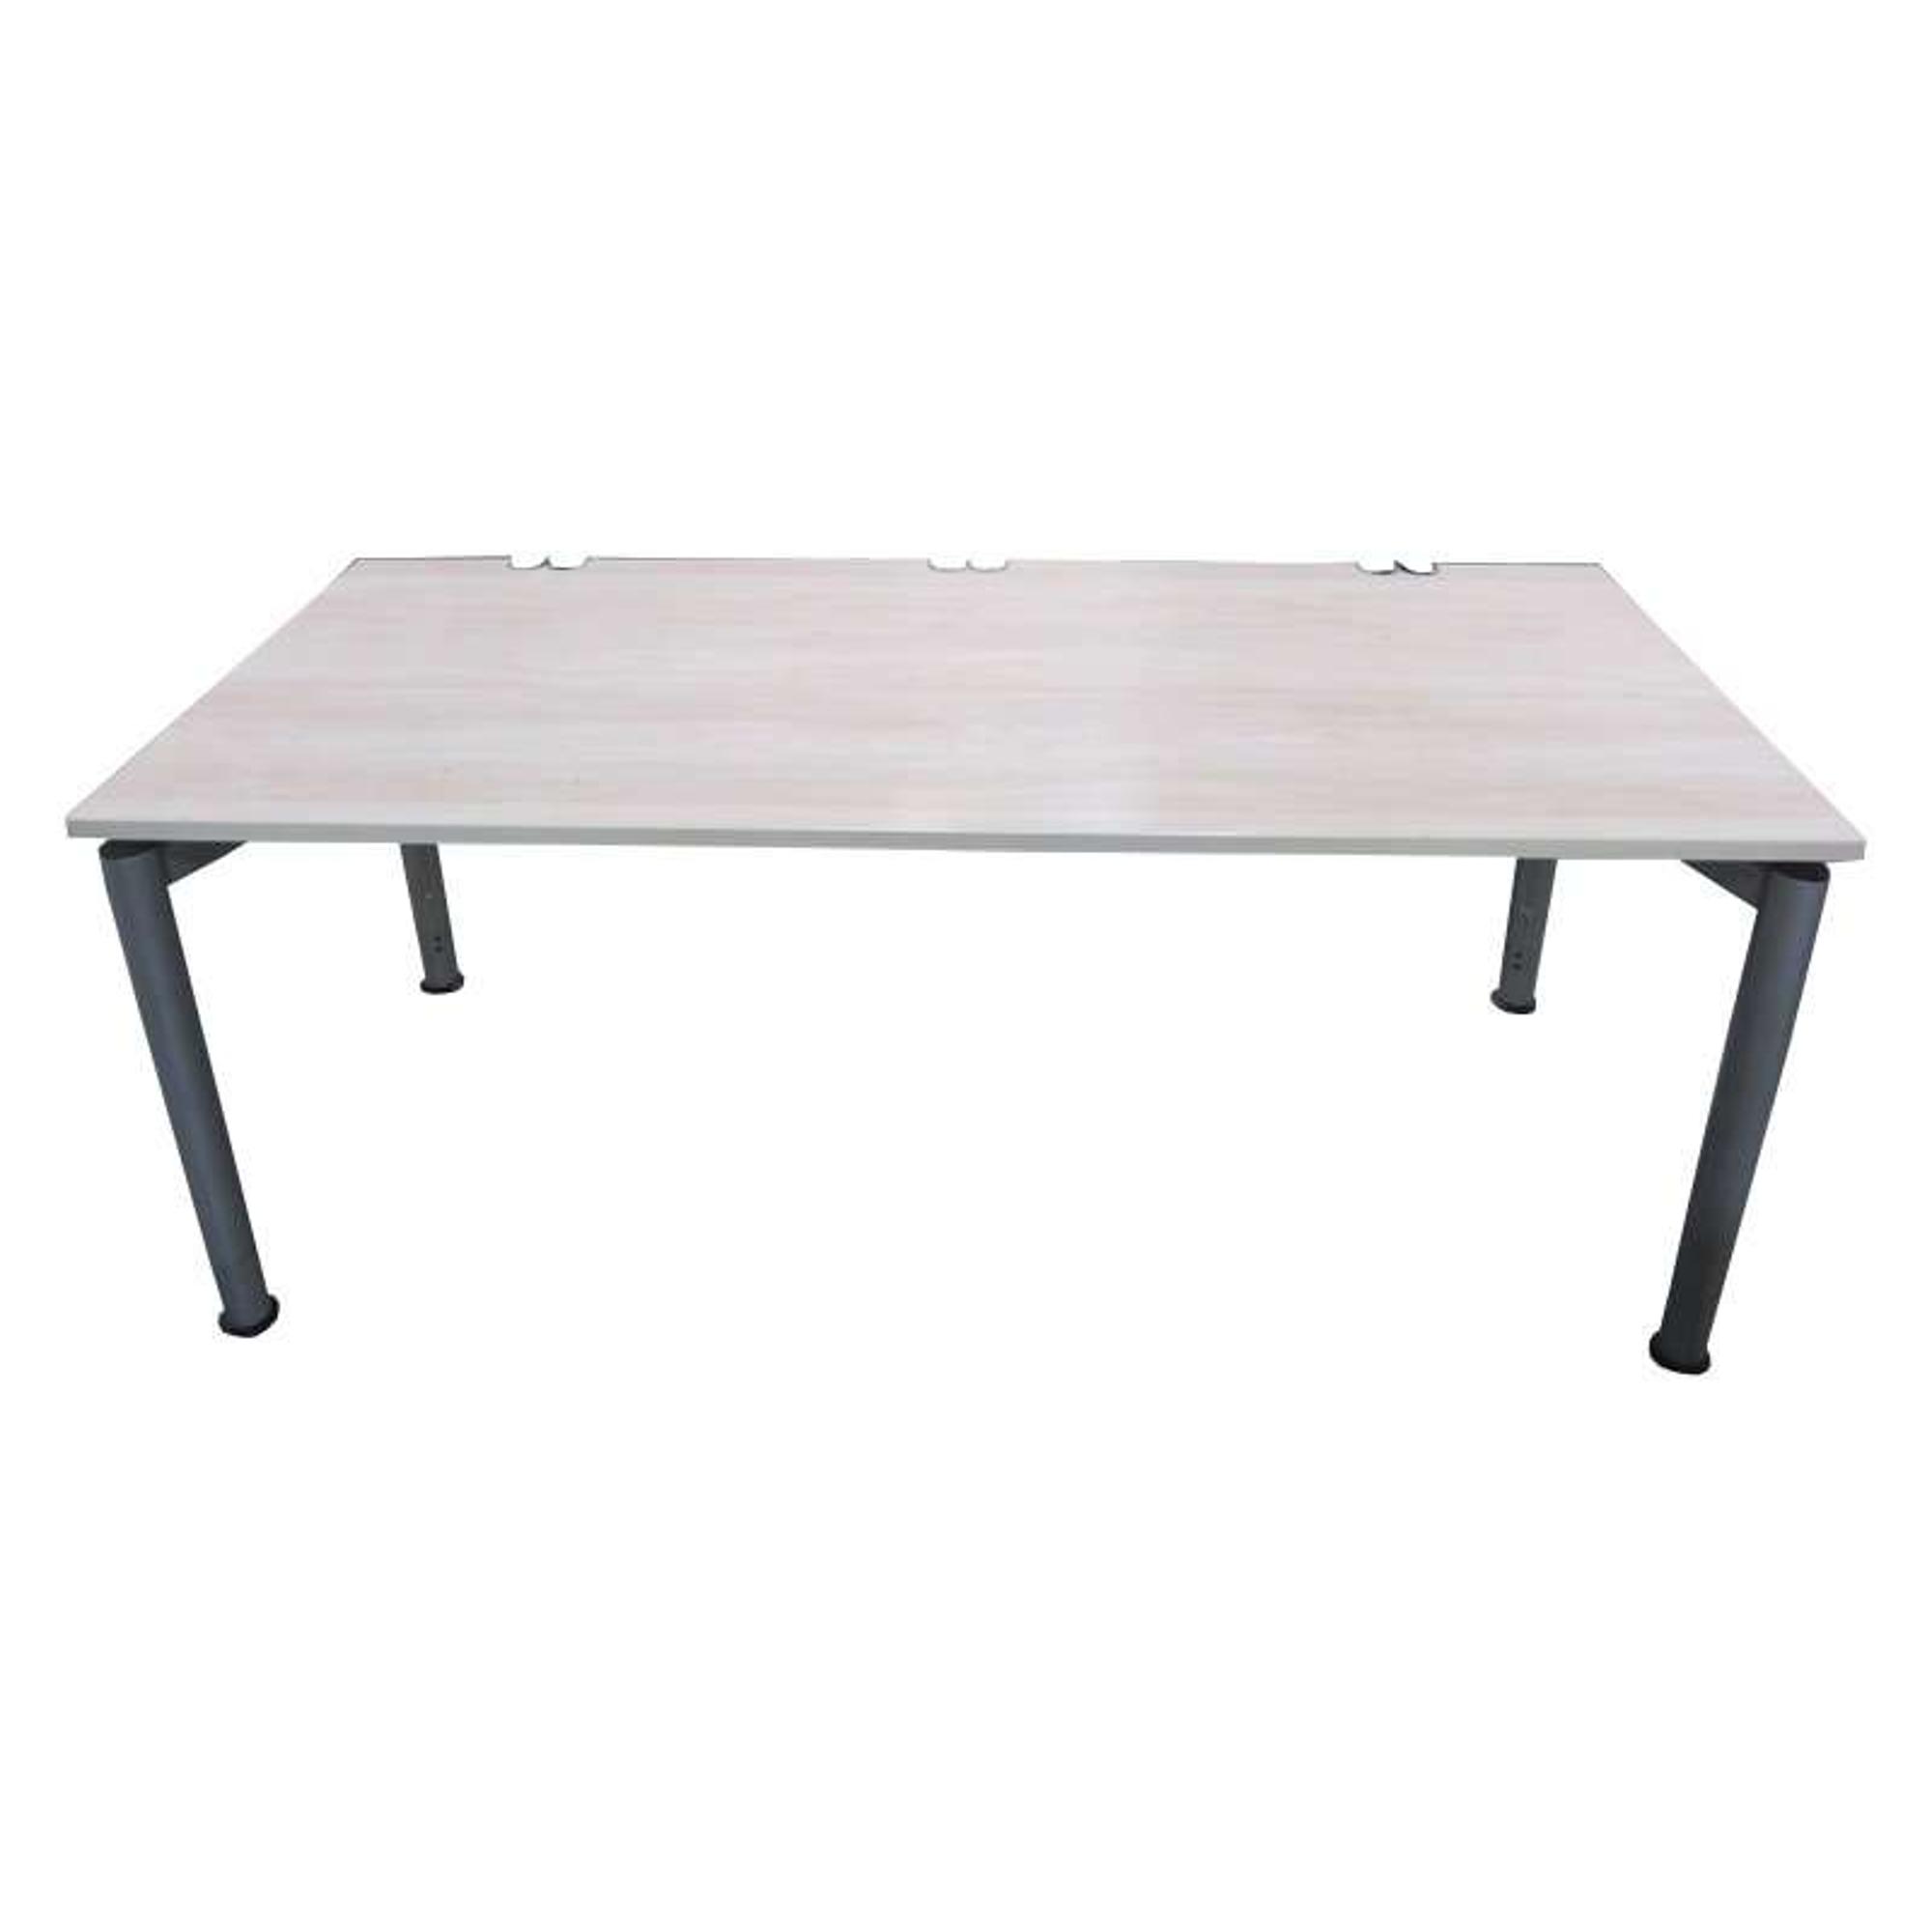 dyes schreibtisch ahorn 180 x 80 cm 4 fu gestell silber ebay. Black Bedroom Furniture Sets. Home Design Ideas